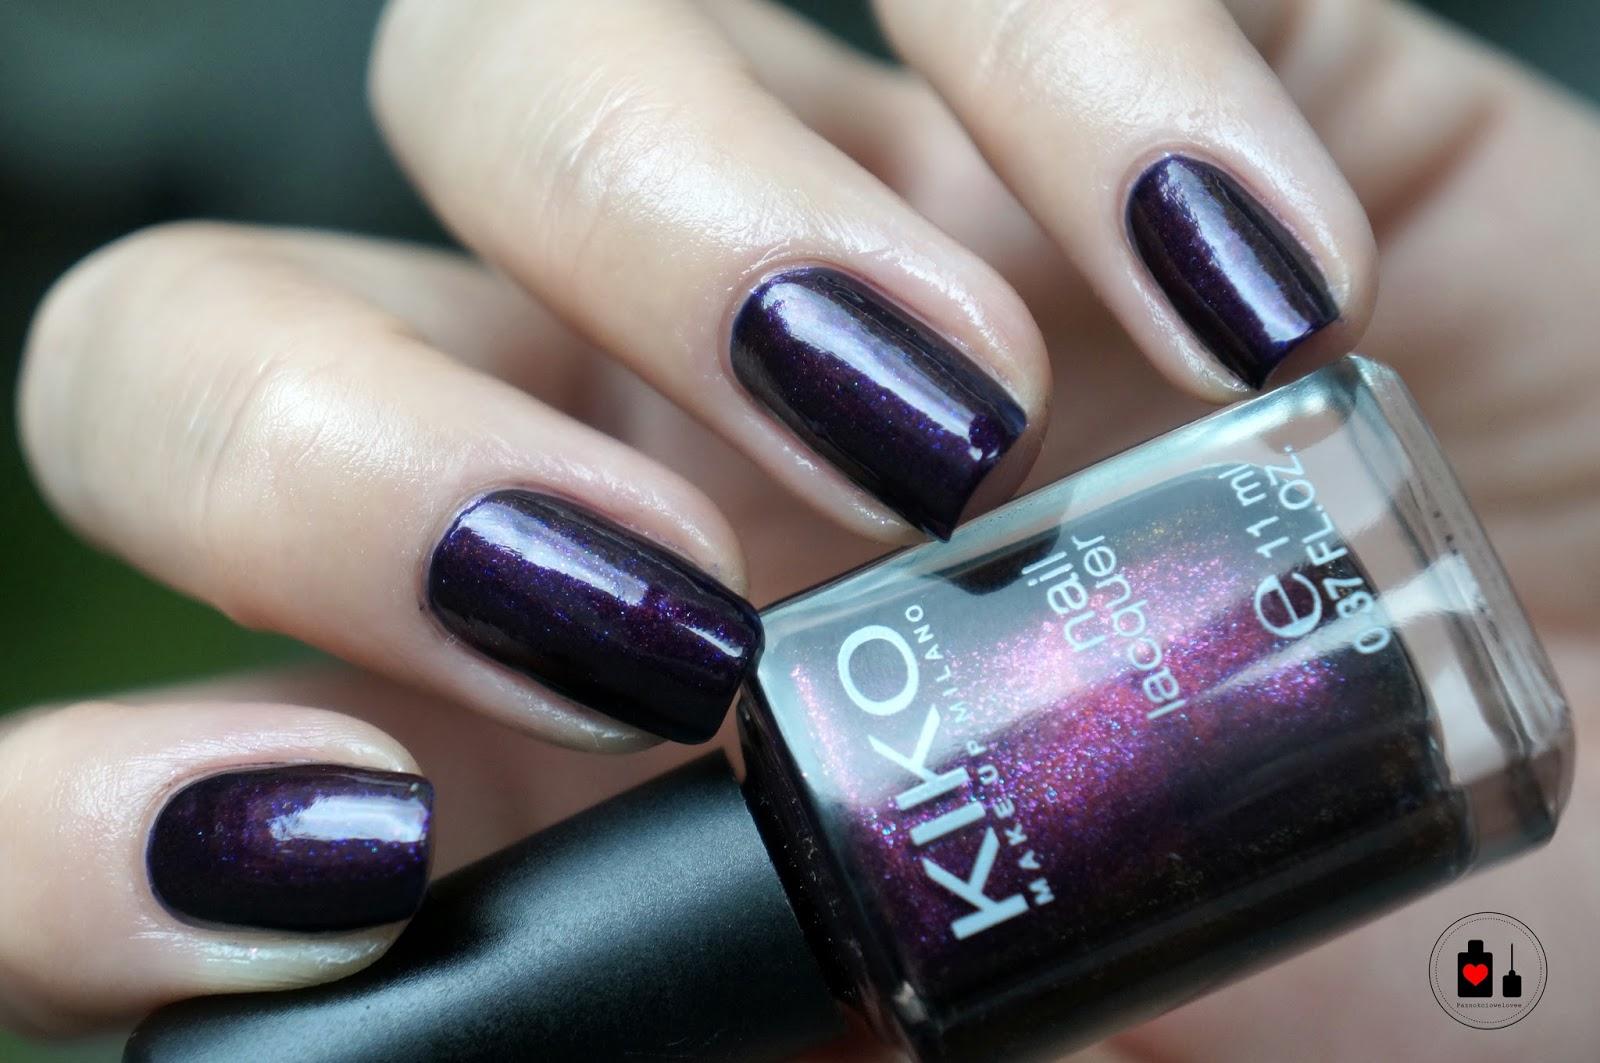 Kiko - pearly indian violet, czyli Chanel Taboo za kilka złotych.